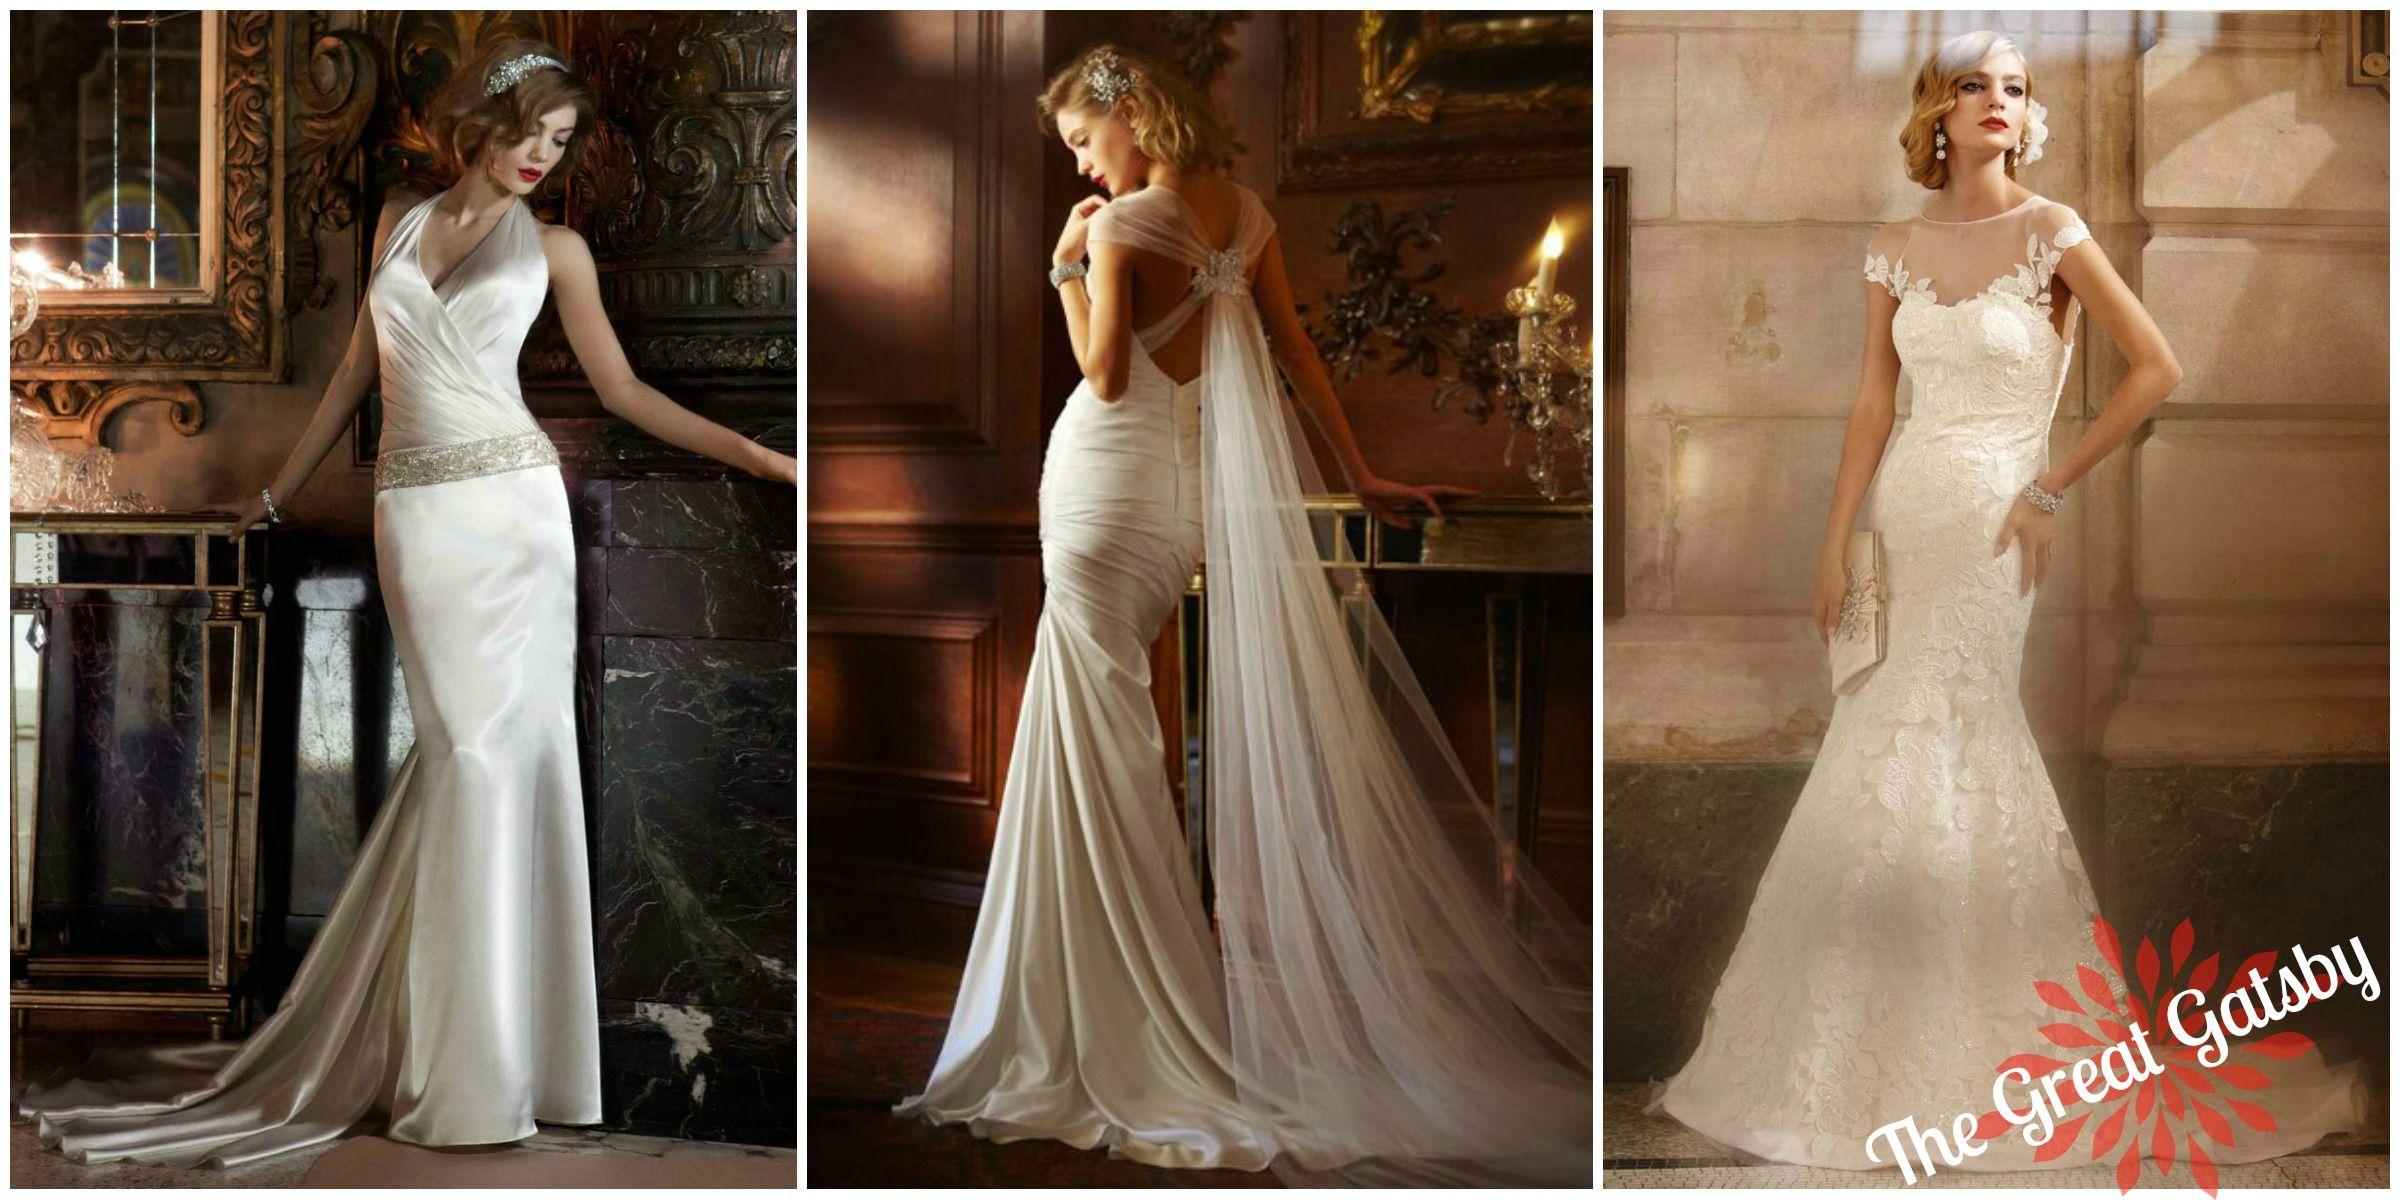 zoot suit era wedding dresses   Guest Post: Wedding Dress Trends ...